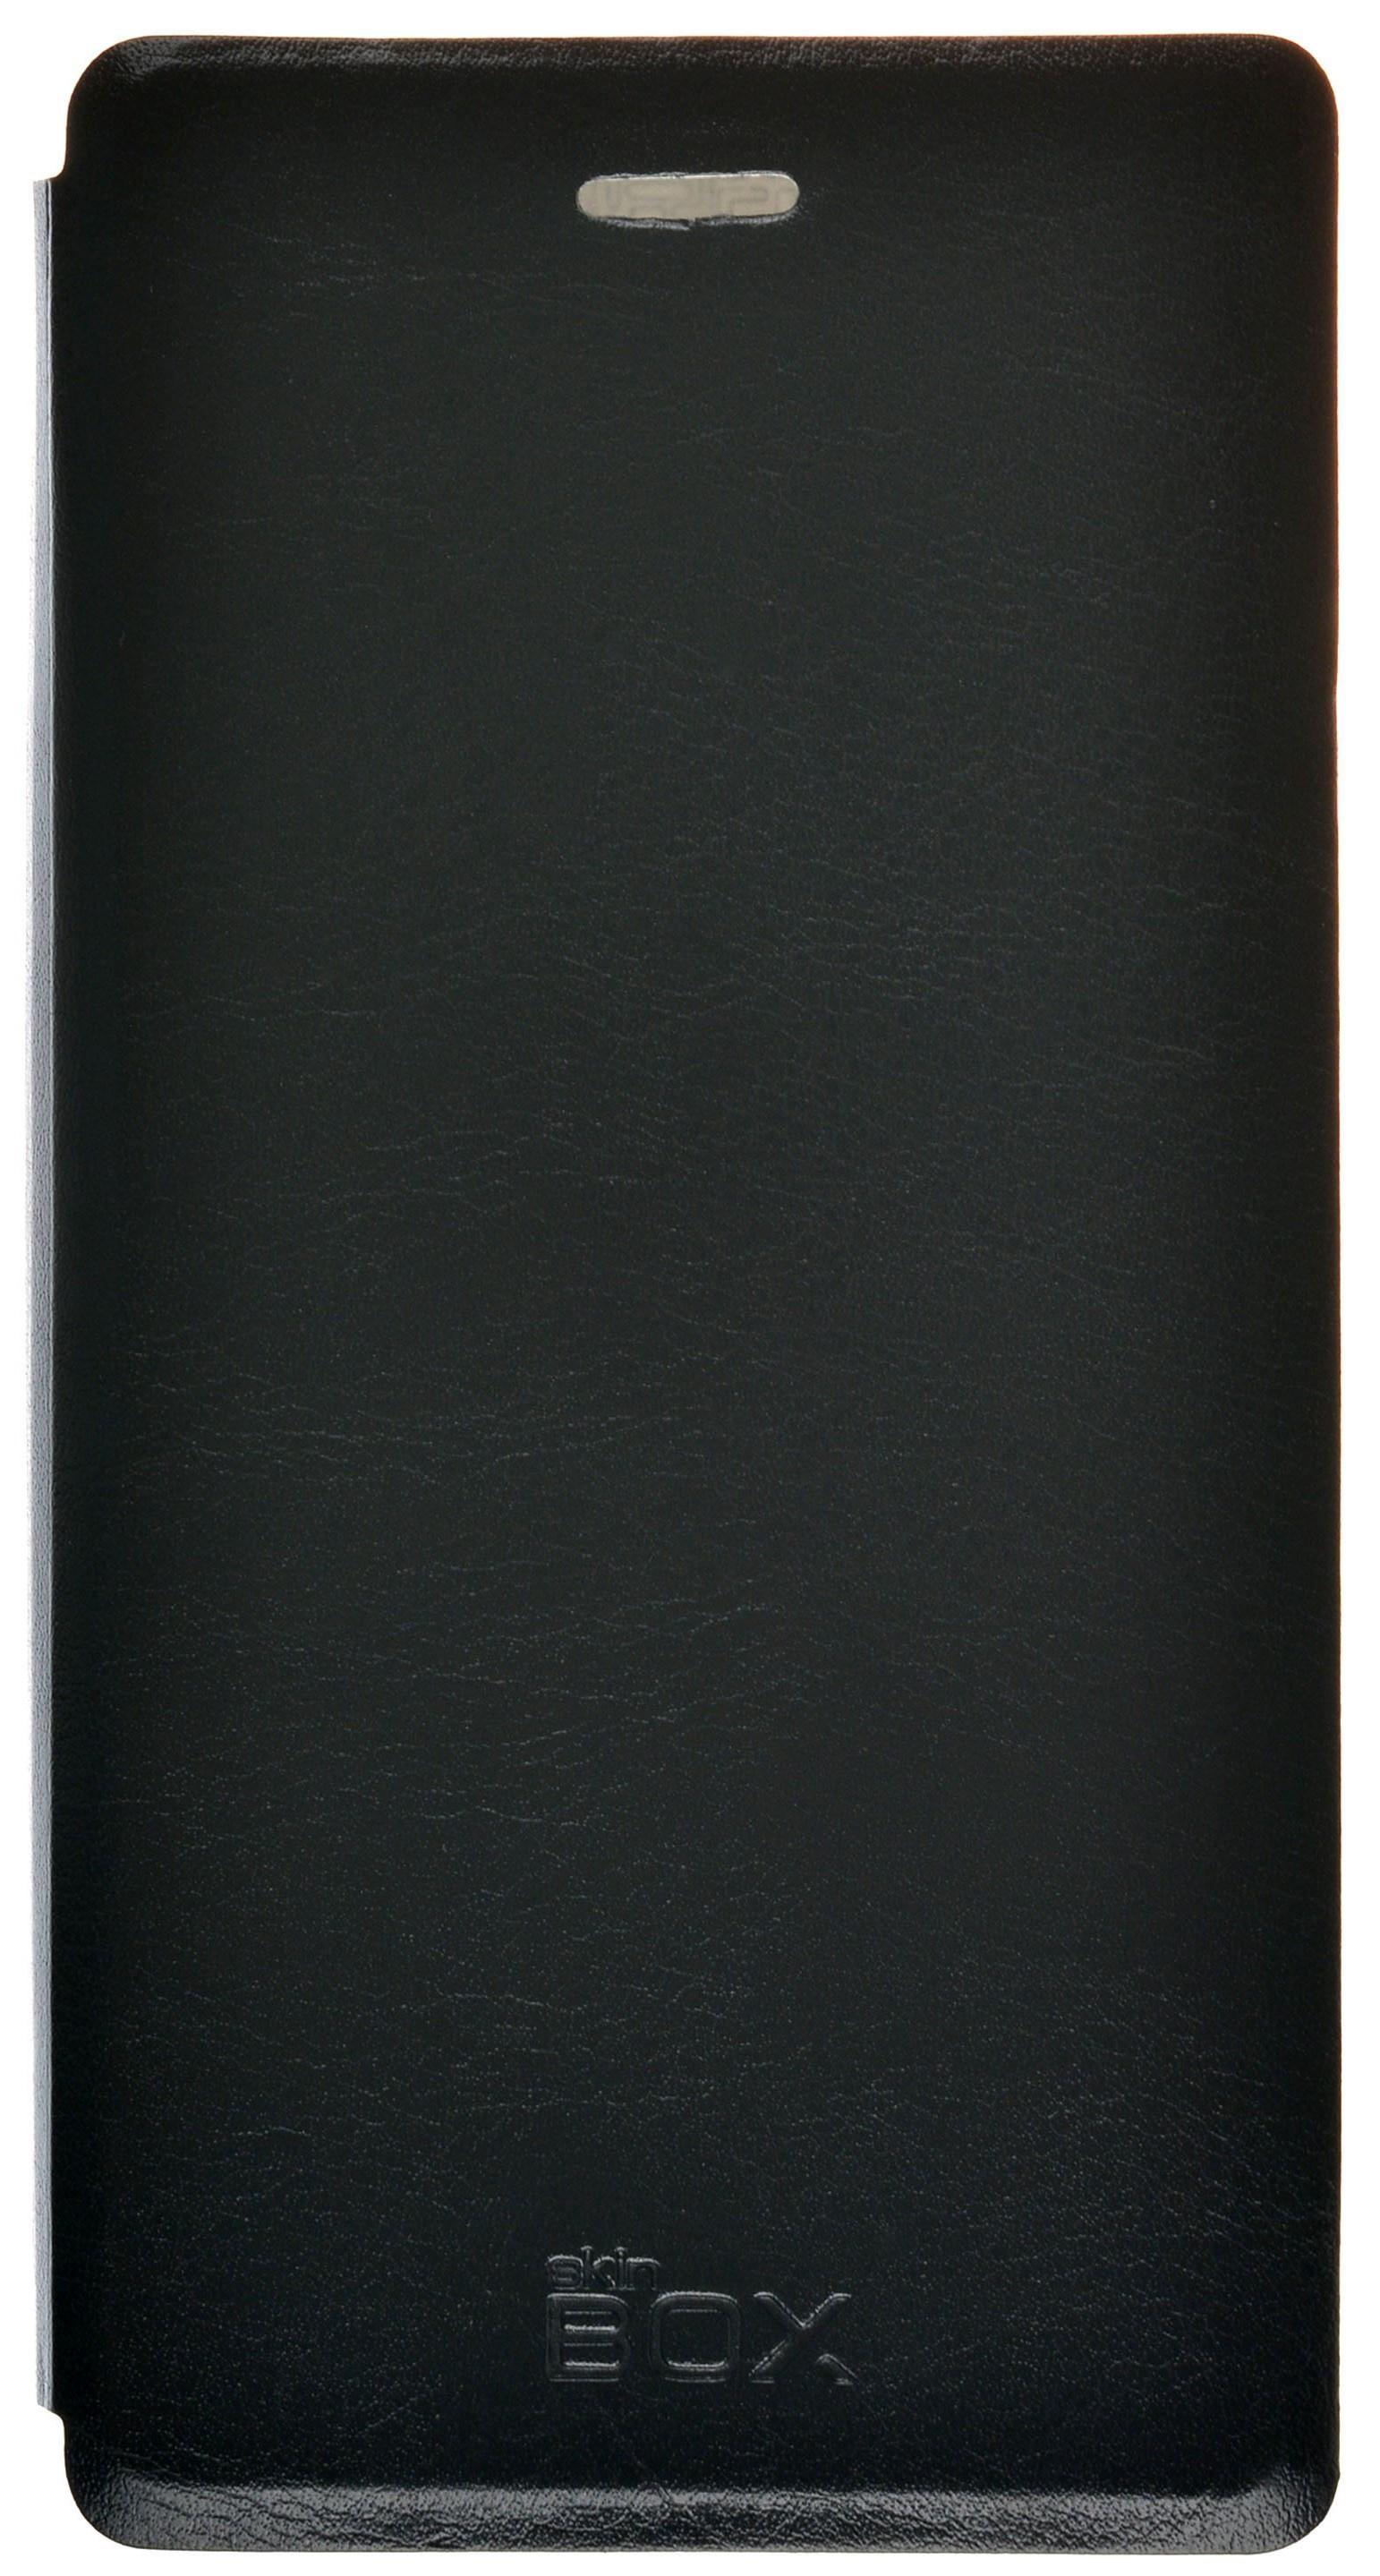 Чехол для сотового телефона skinBOX Lux, 4660041407211, черный